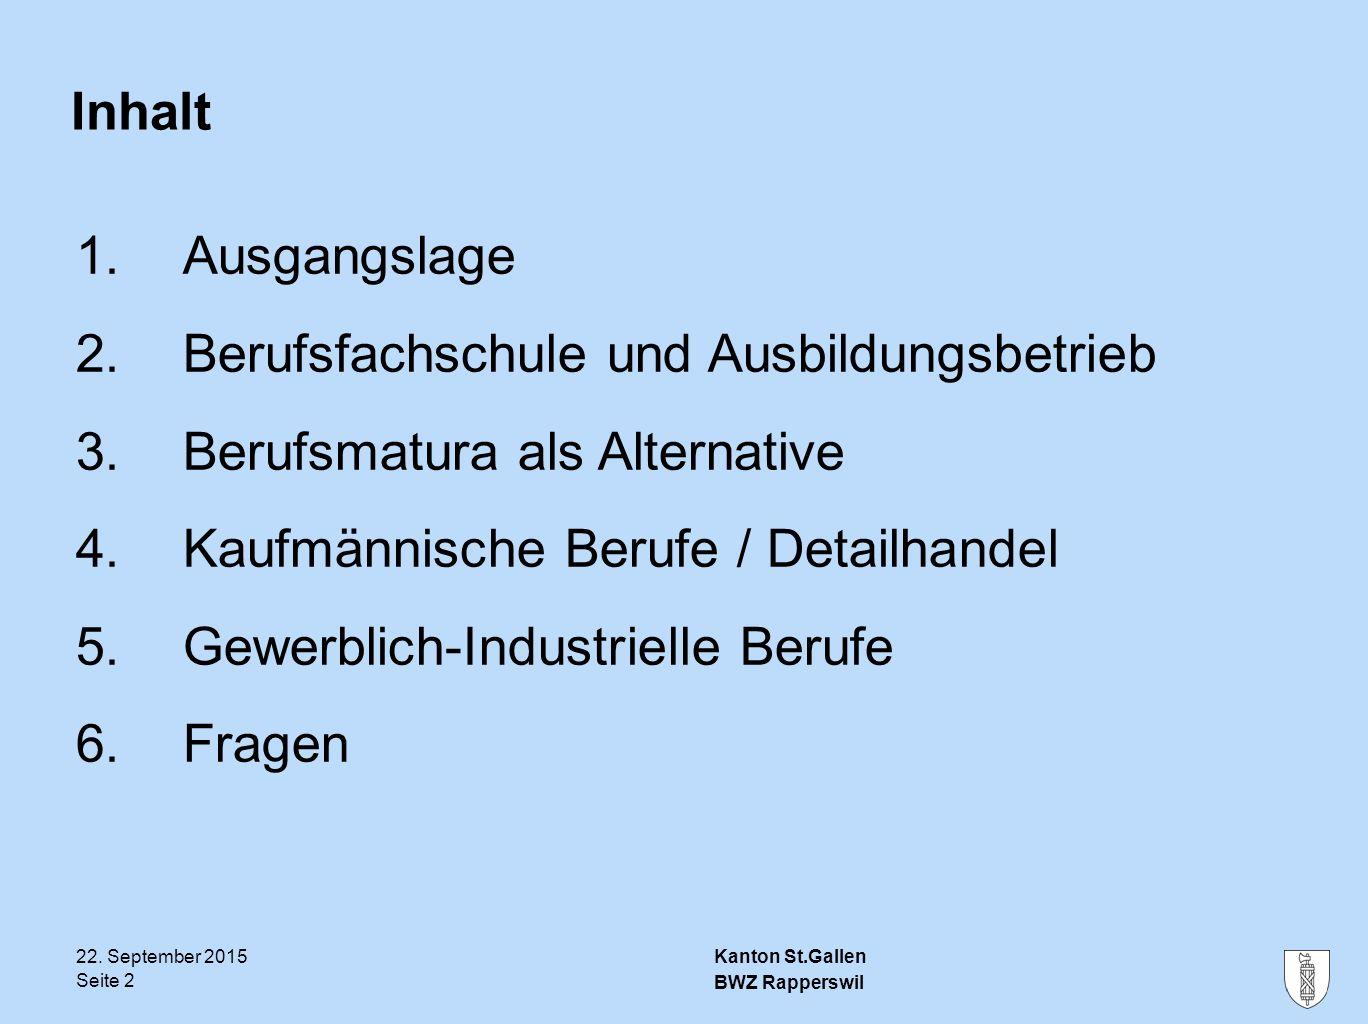 Kanton St.Gallen Ausgangslage Wo geh' ich hin?